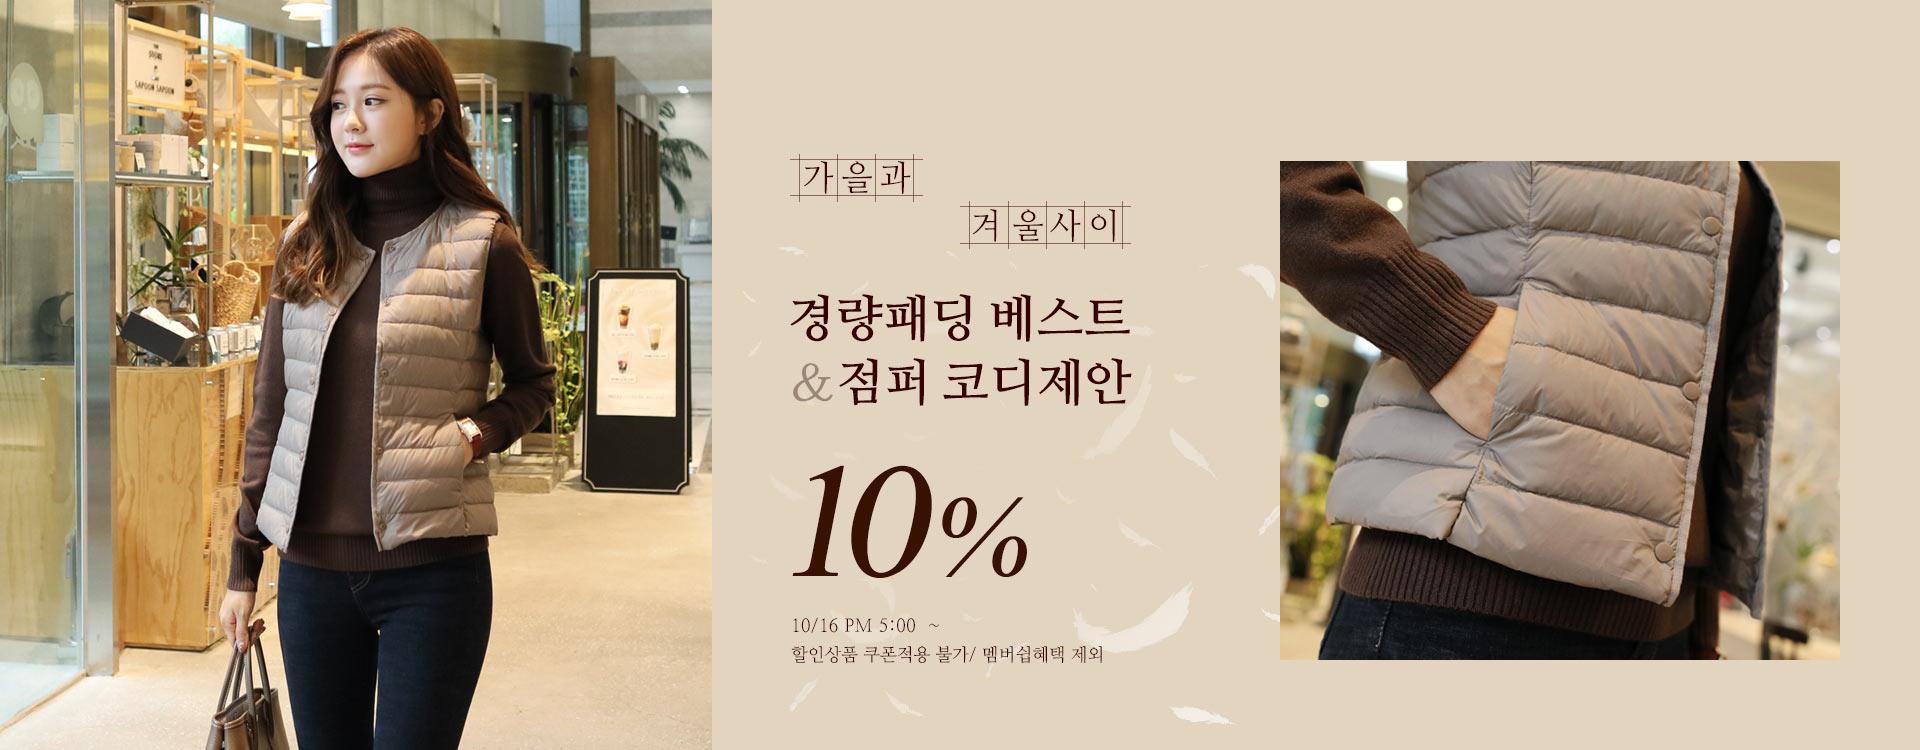 경량 10%